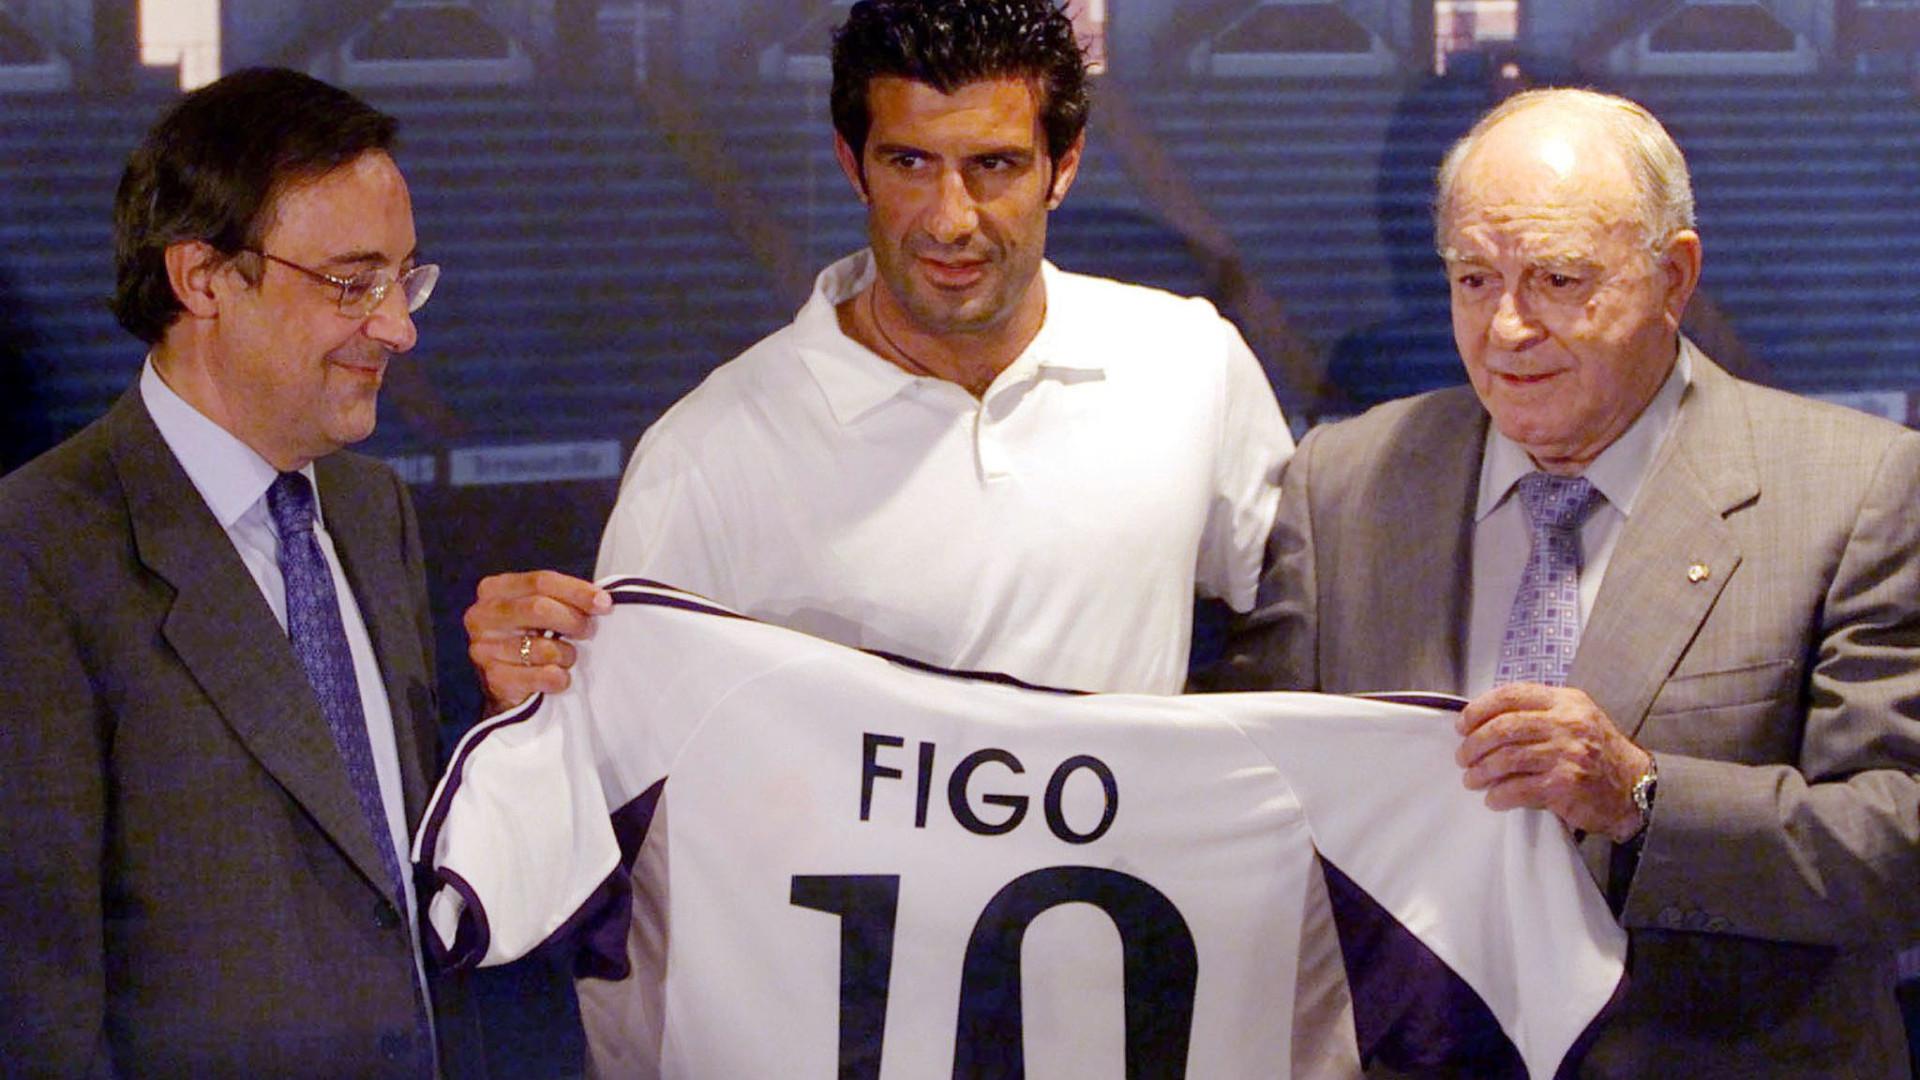 Florentino Pérez recorda Figo: